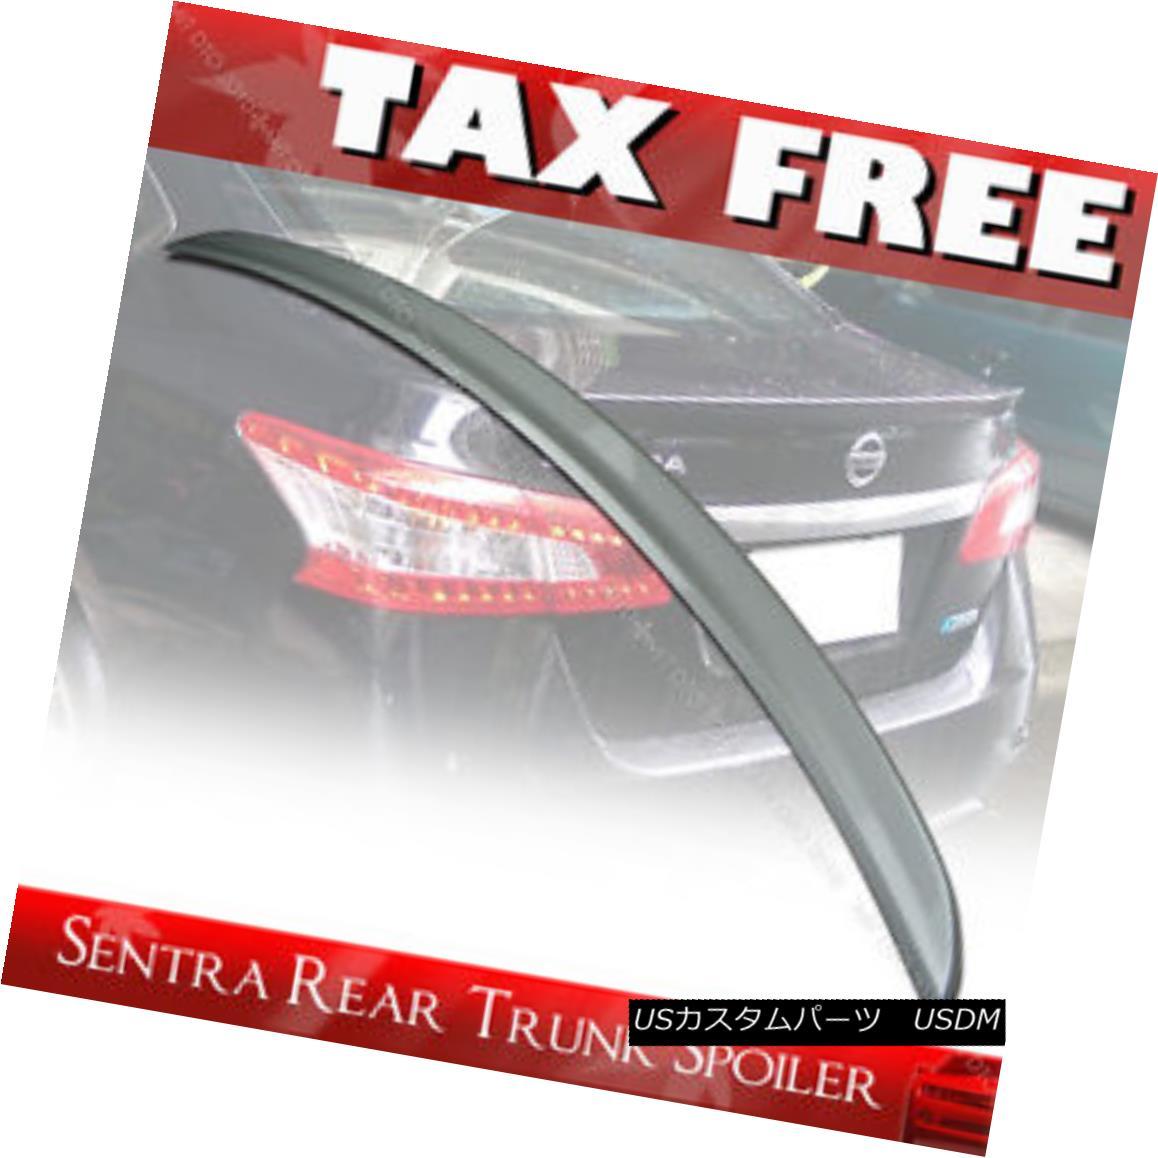 エアロパーツ Painted FOR Nissan Sentra B17 7th 4DR Sedan ABS Trunk Lip Spoiler SR SV 13-17 日産セントラB17 7th 4DRセダンABSトランクリップスポイラーSR SV 13-17